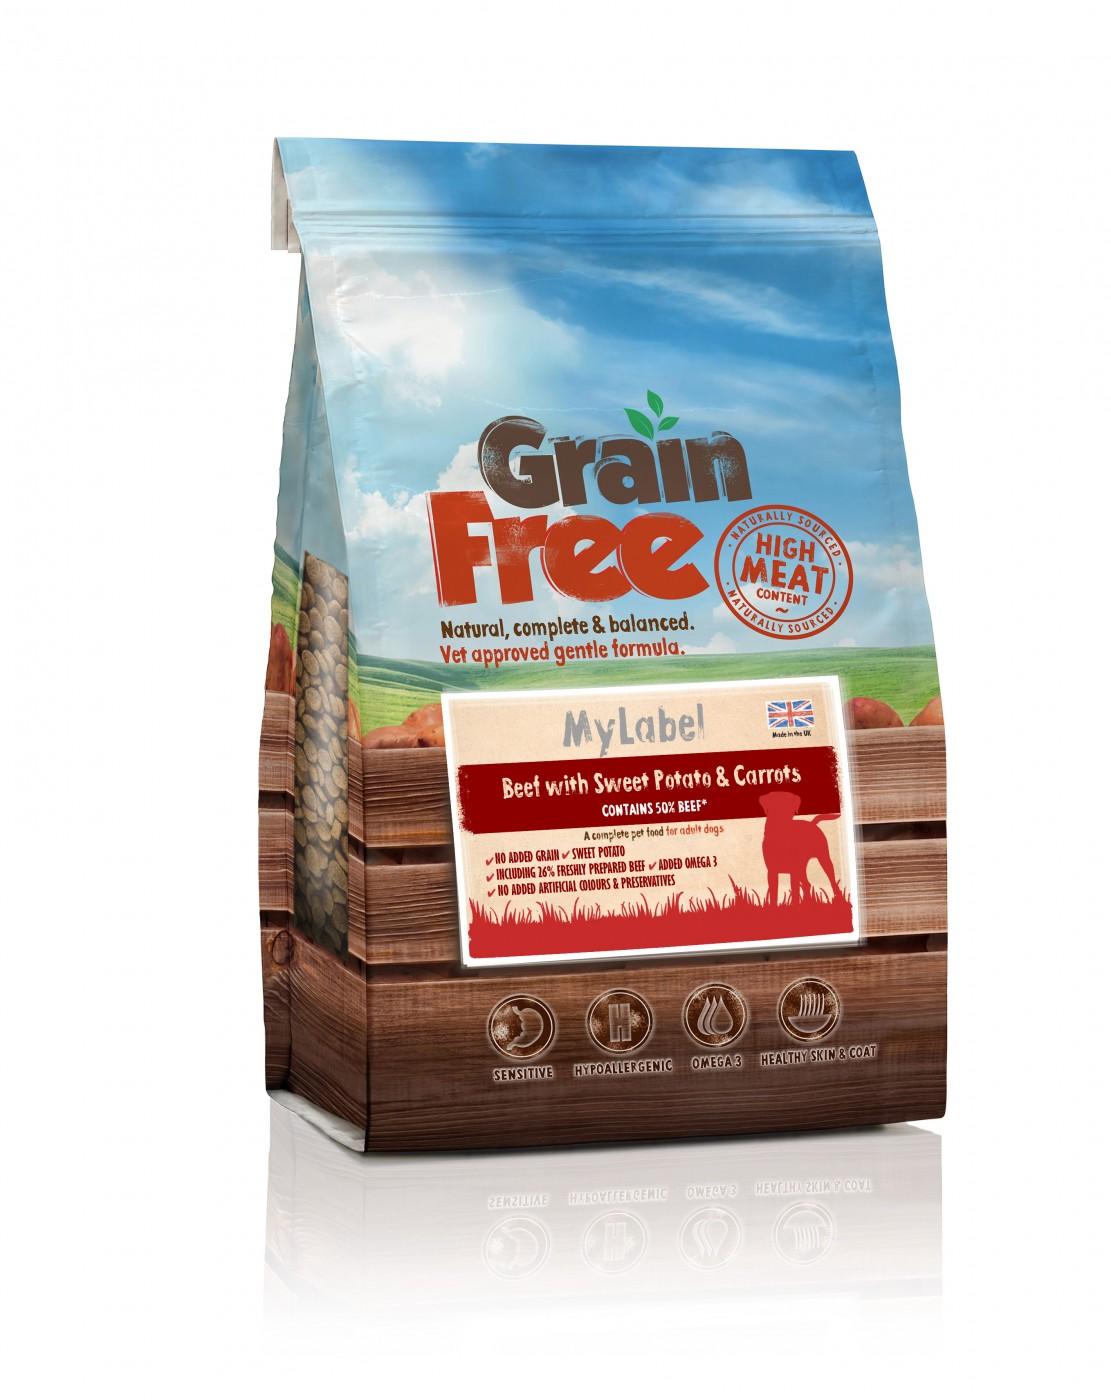 Grain Free Wołowina, słodkie ziemniaki, marchewka